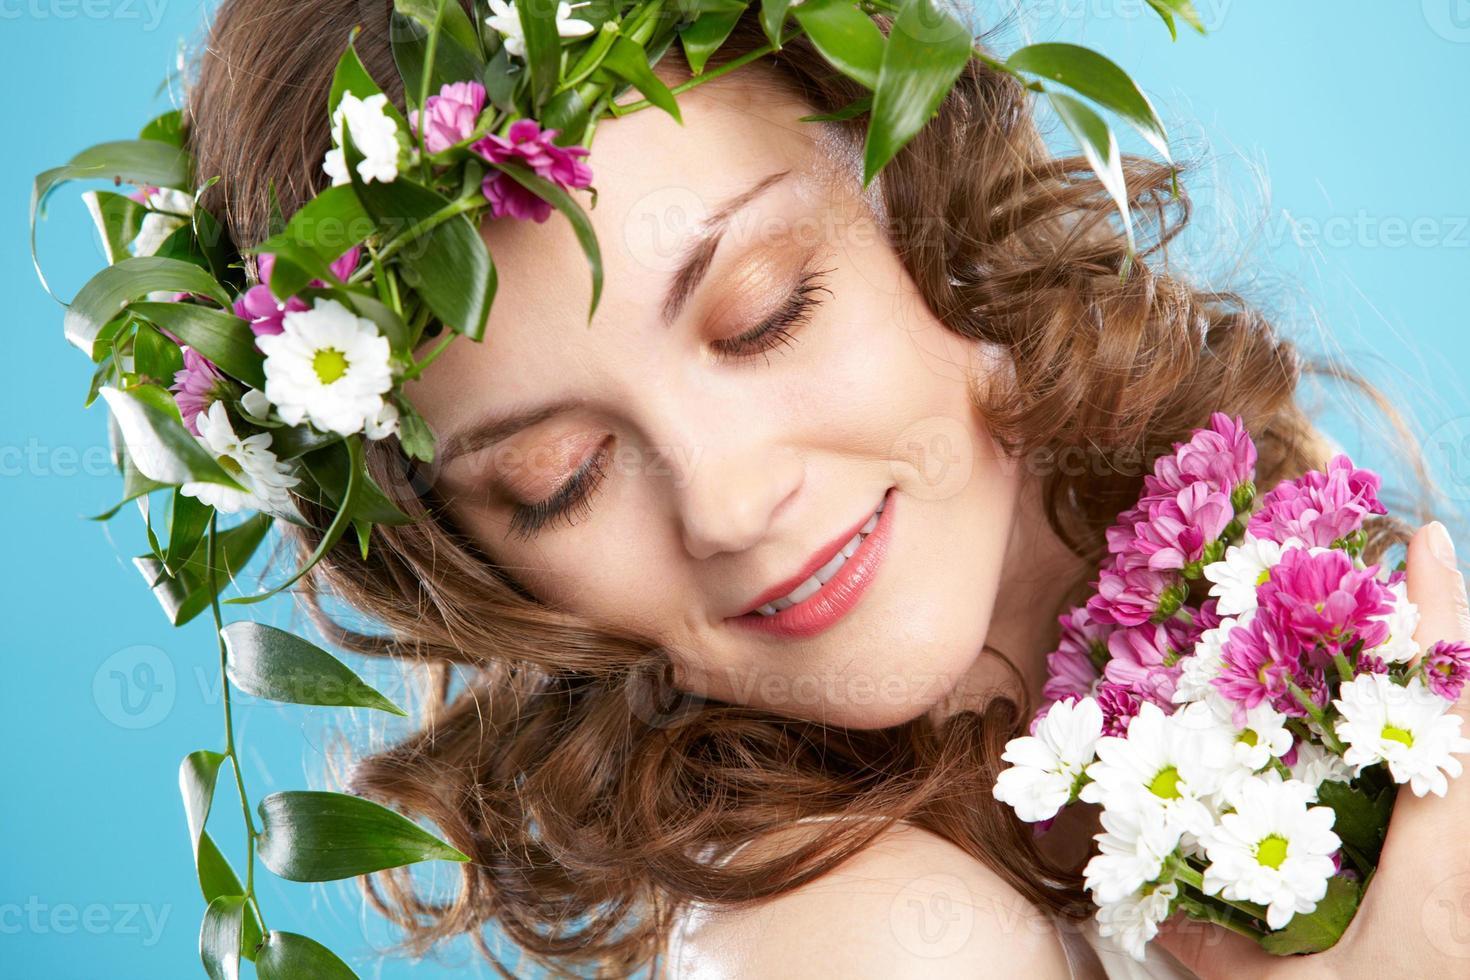 femme fleur photo